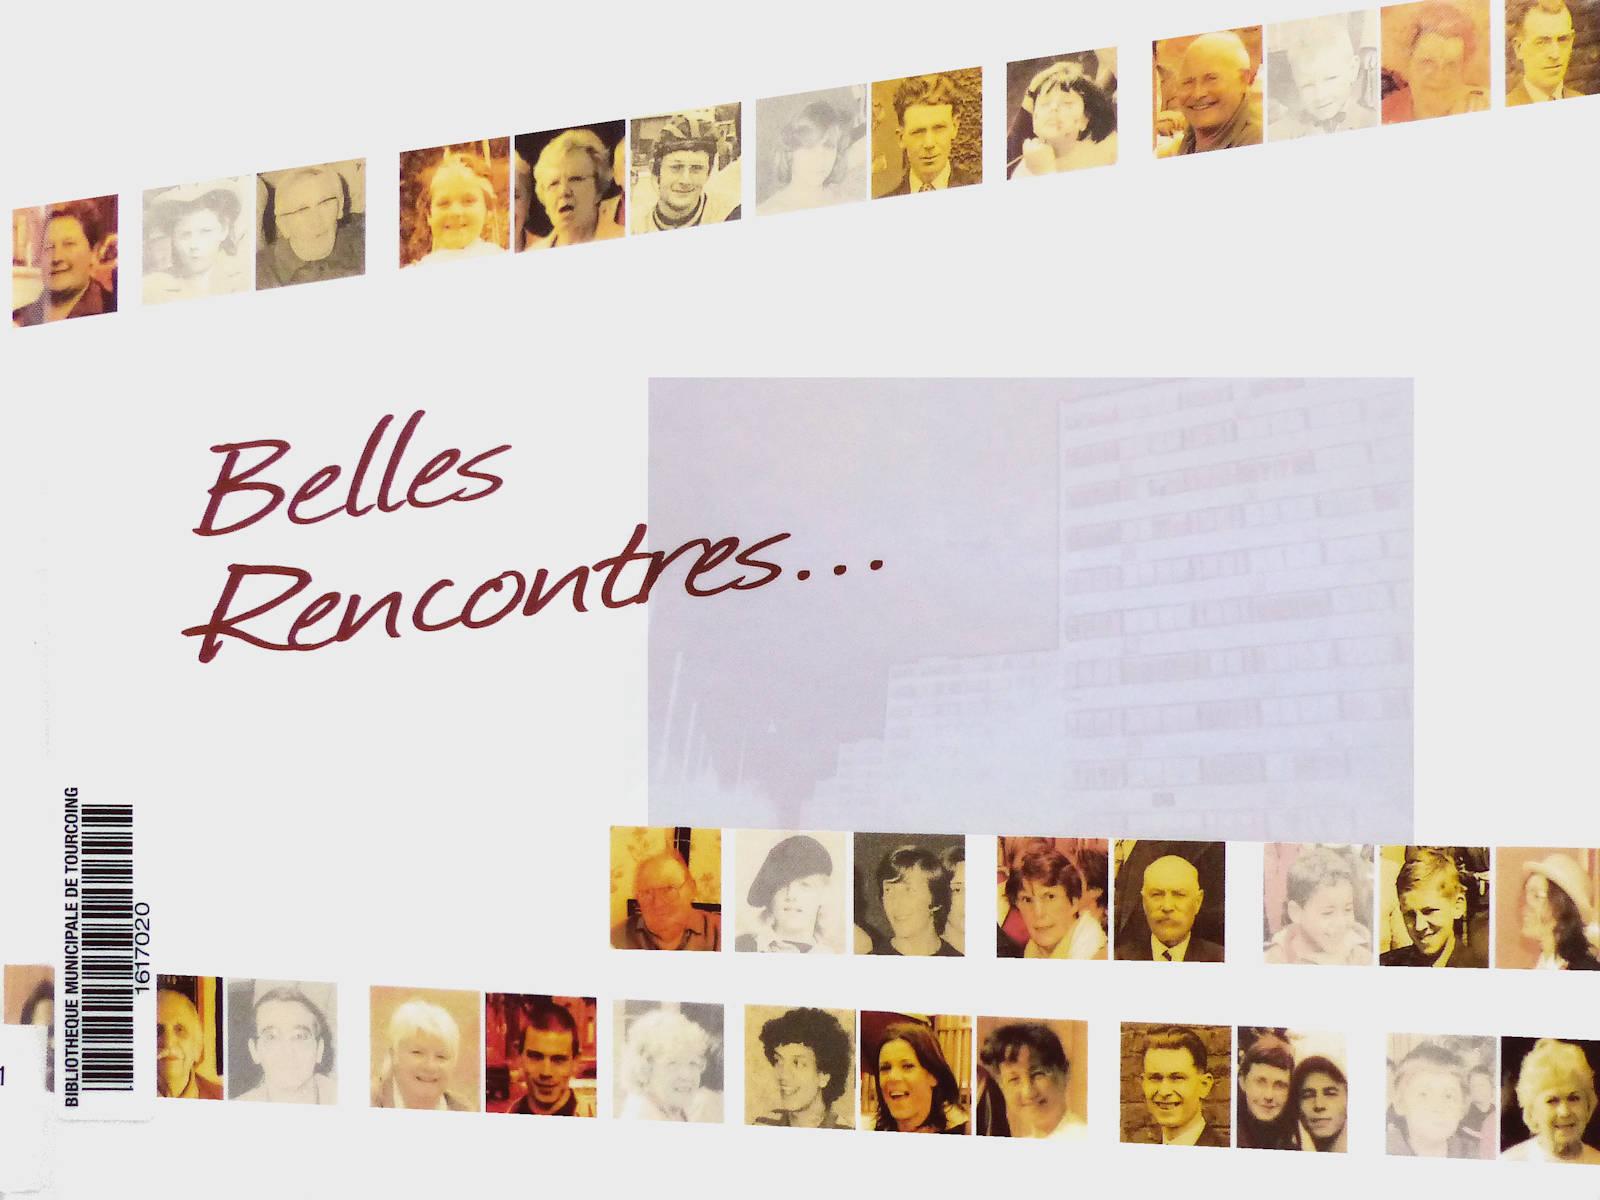 Couverture du livre Belles Rencontres, Tourcoing 2010.